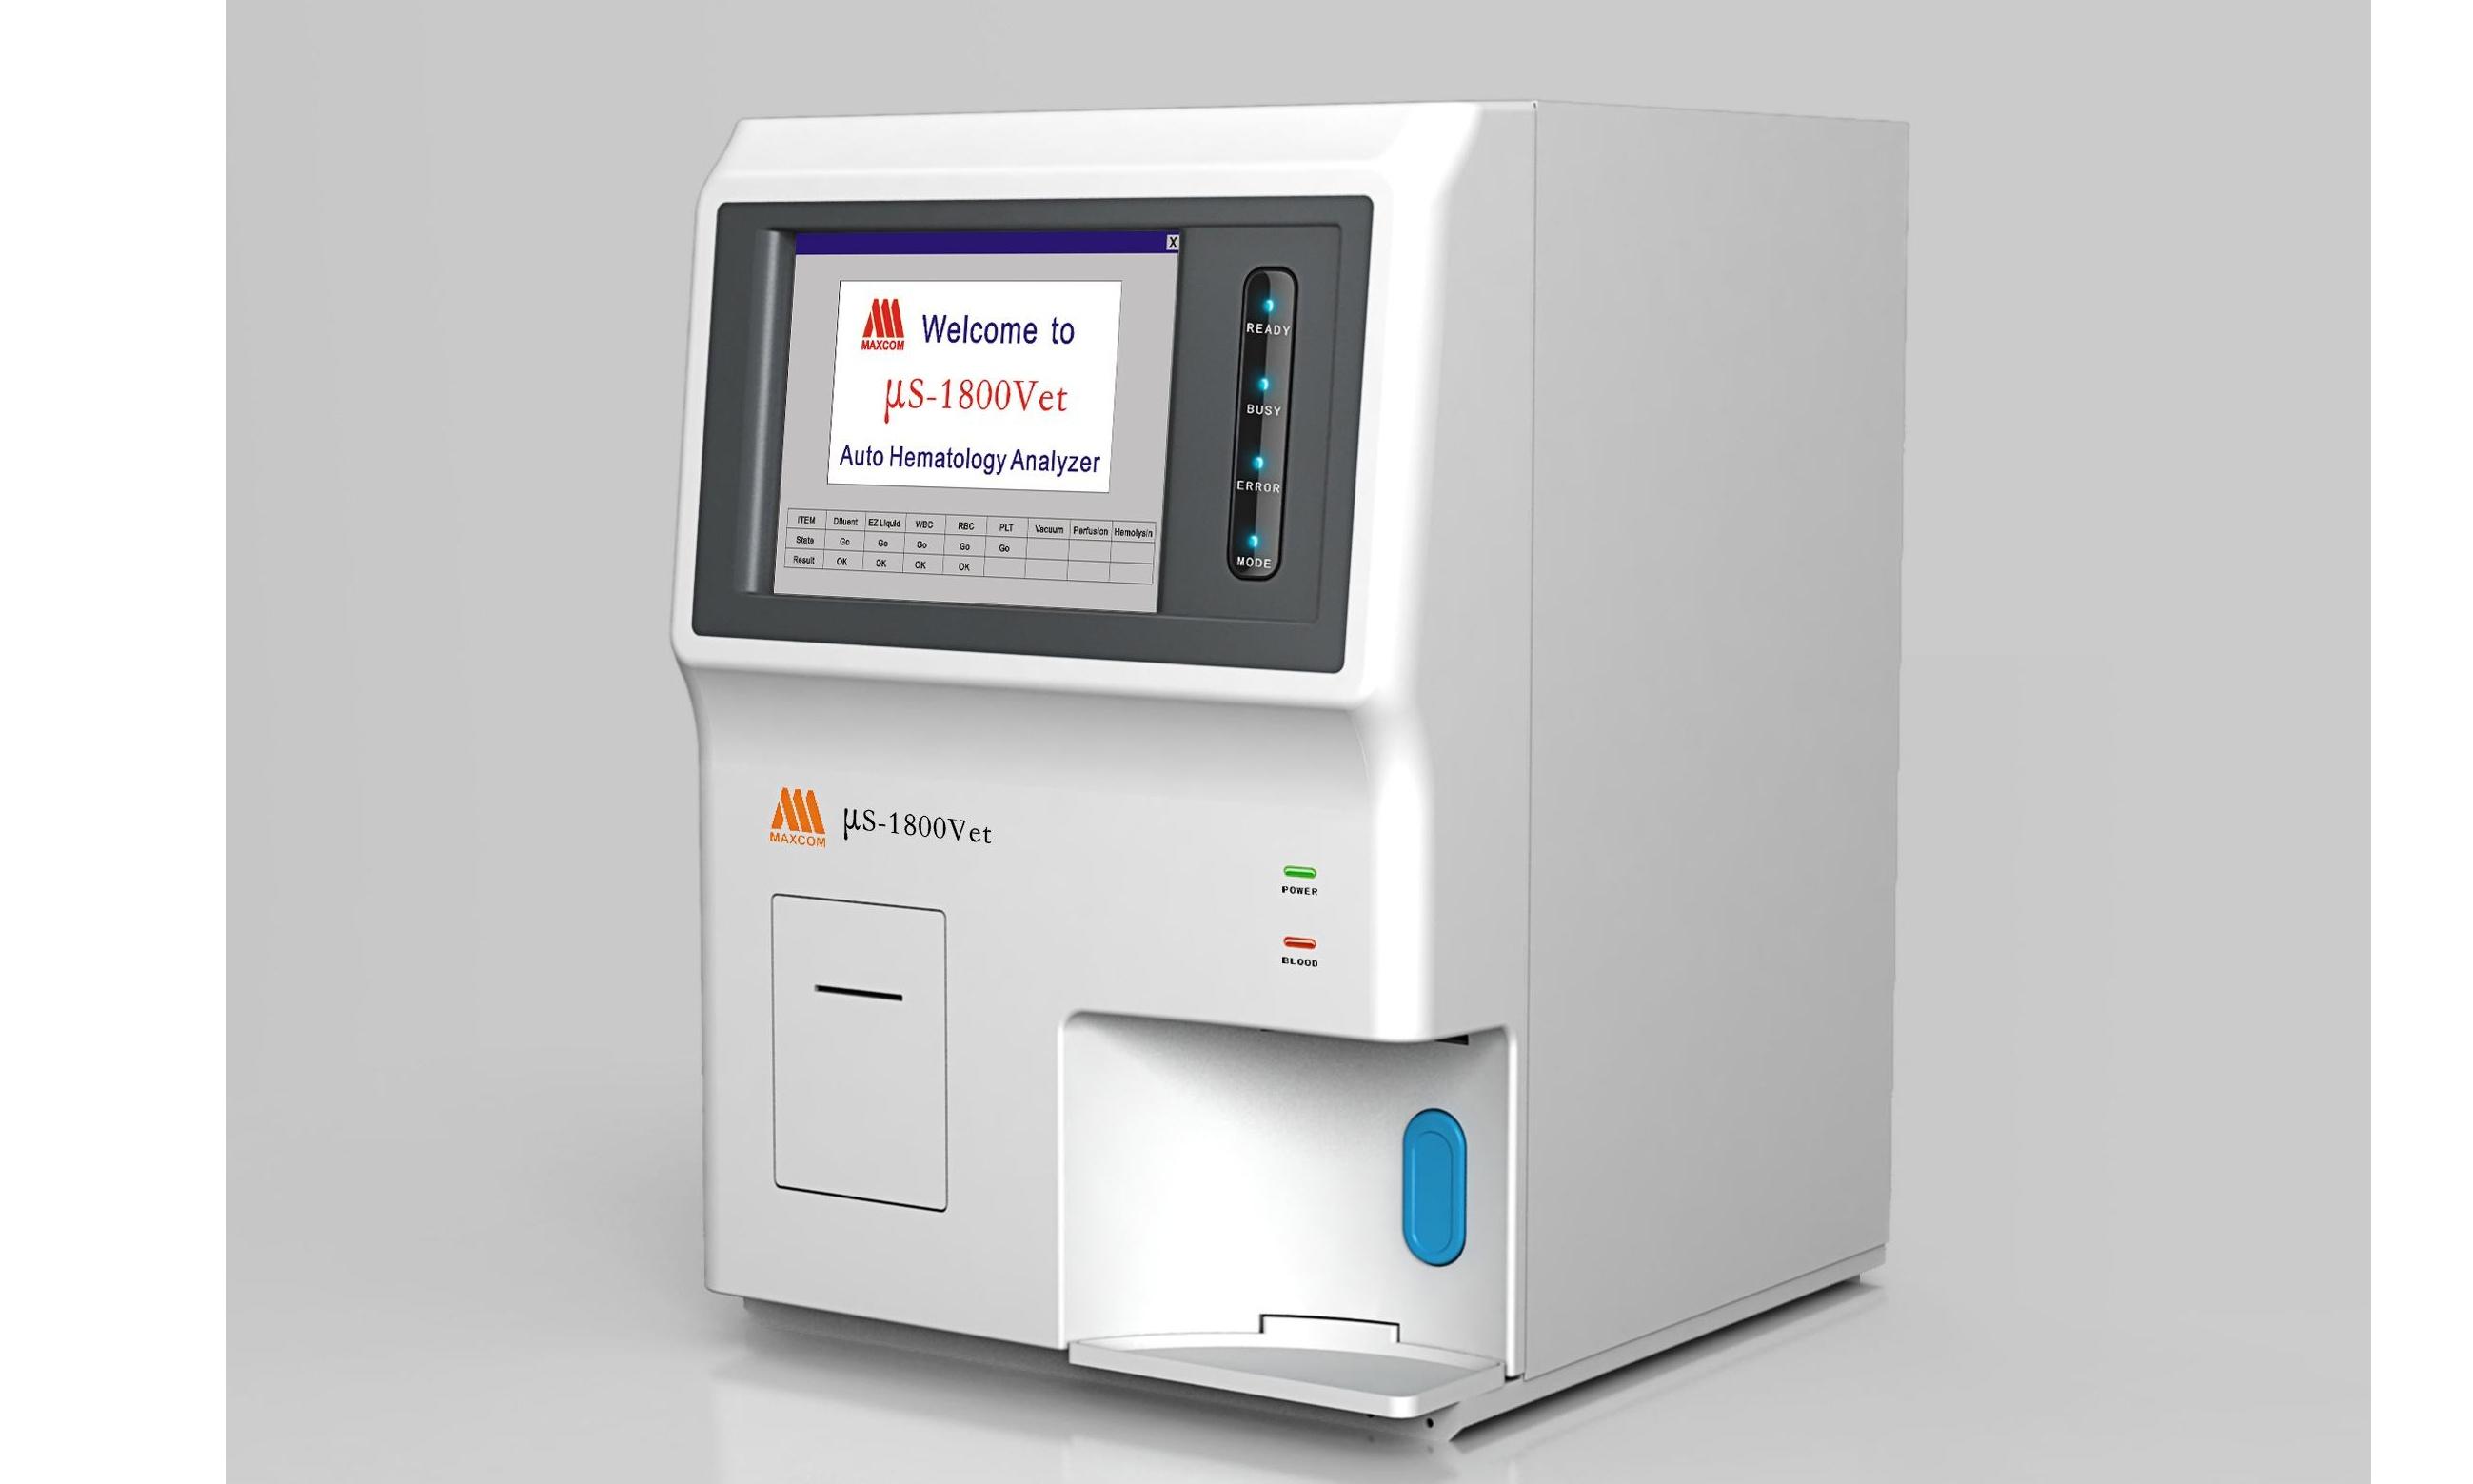 普宁华侨医院全自动血液分析仪等仪器设备采购项目招标